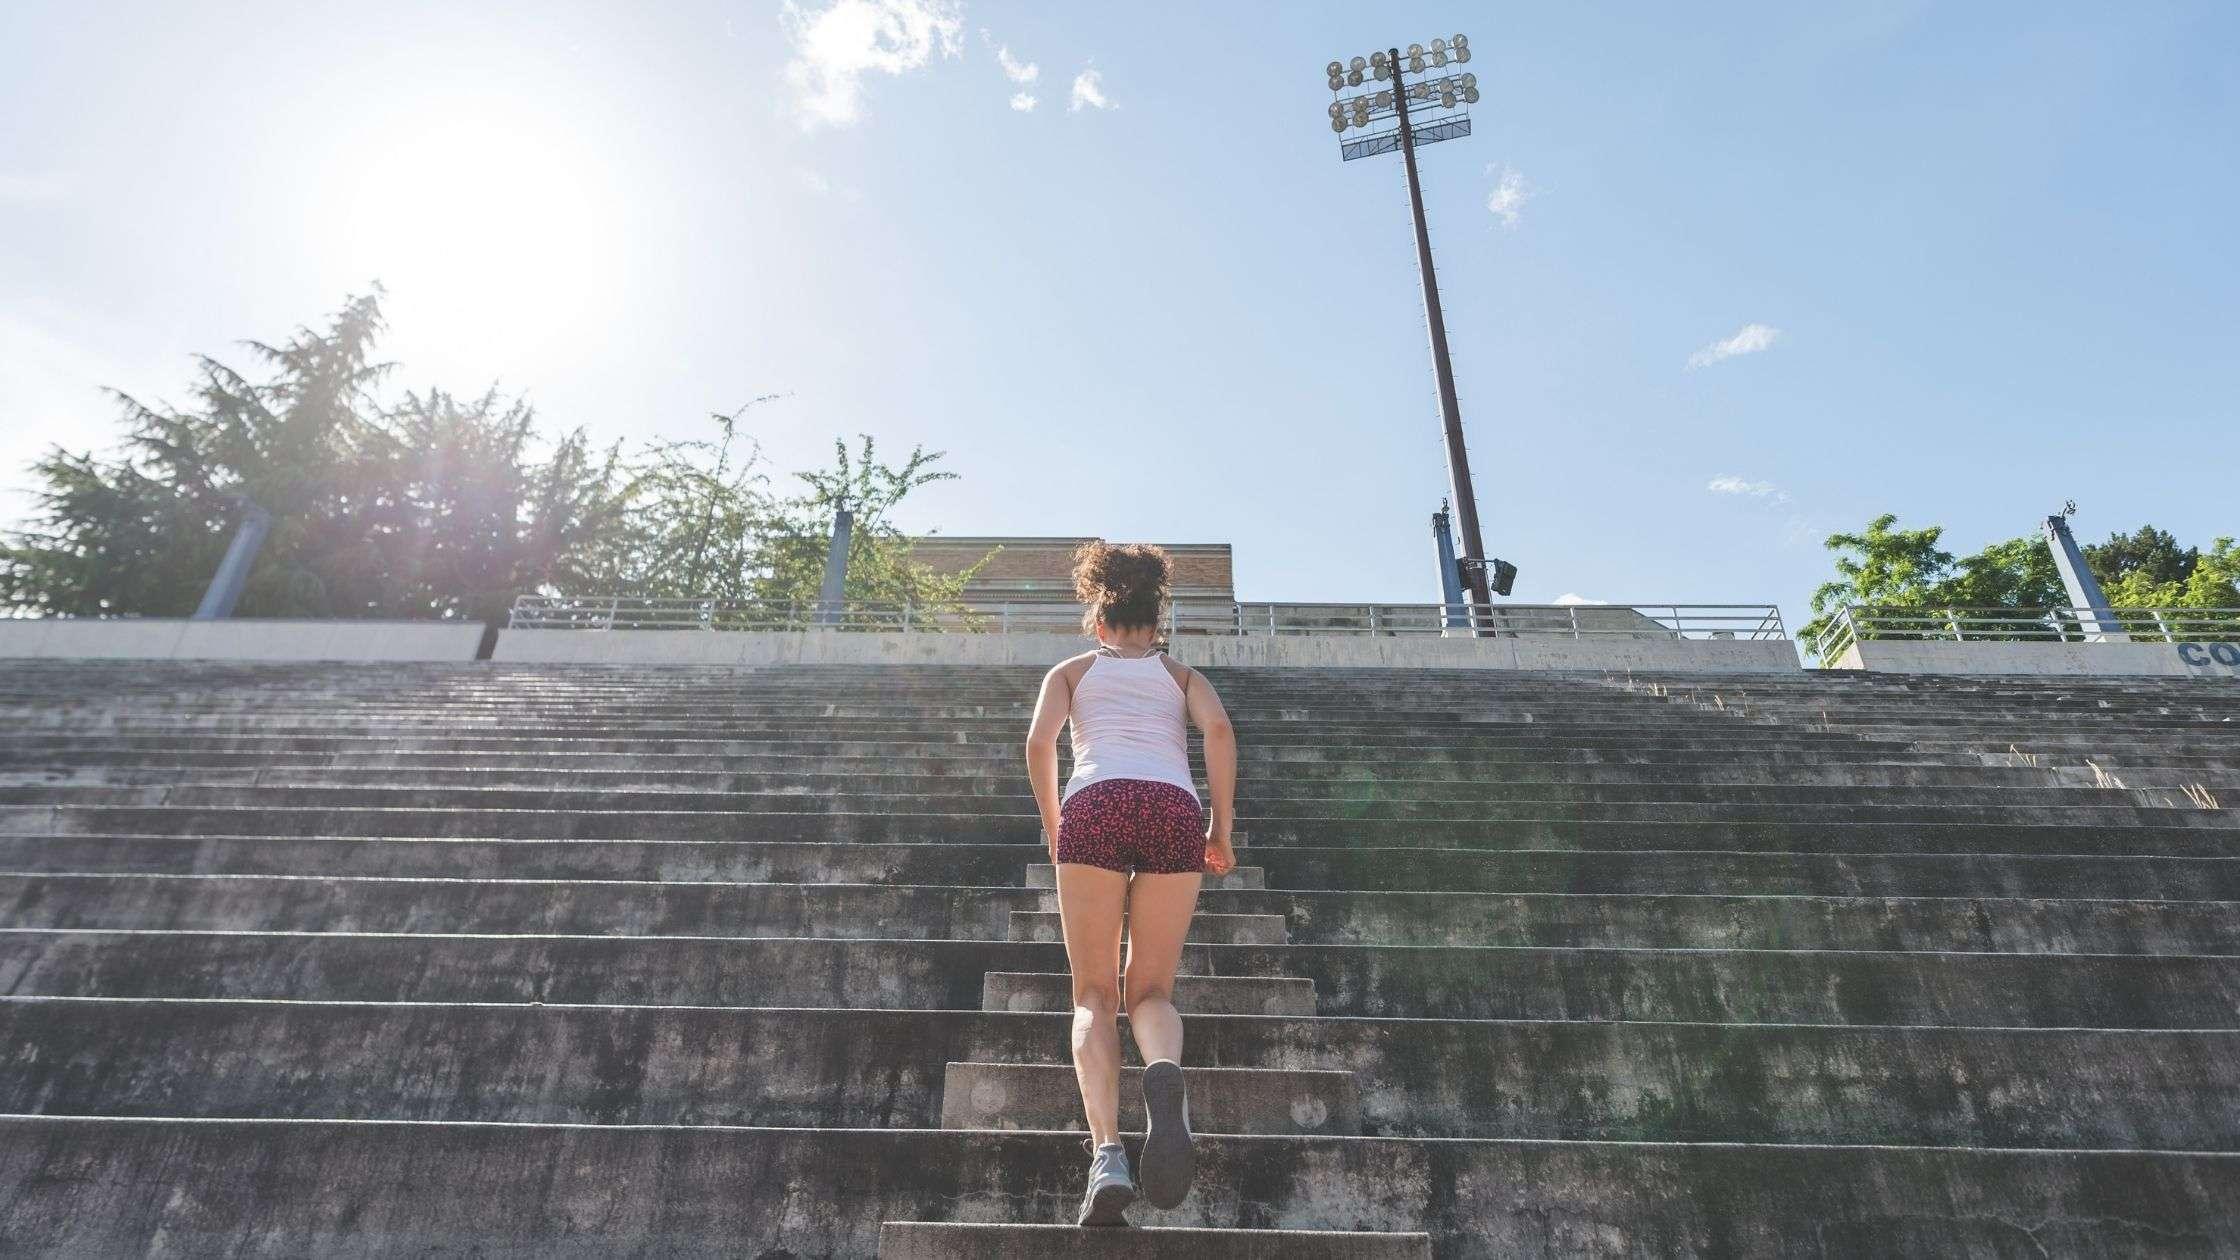 female student athlete running stadium stairs